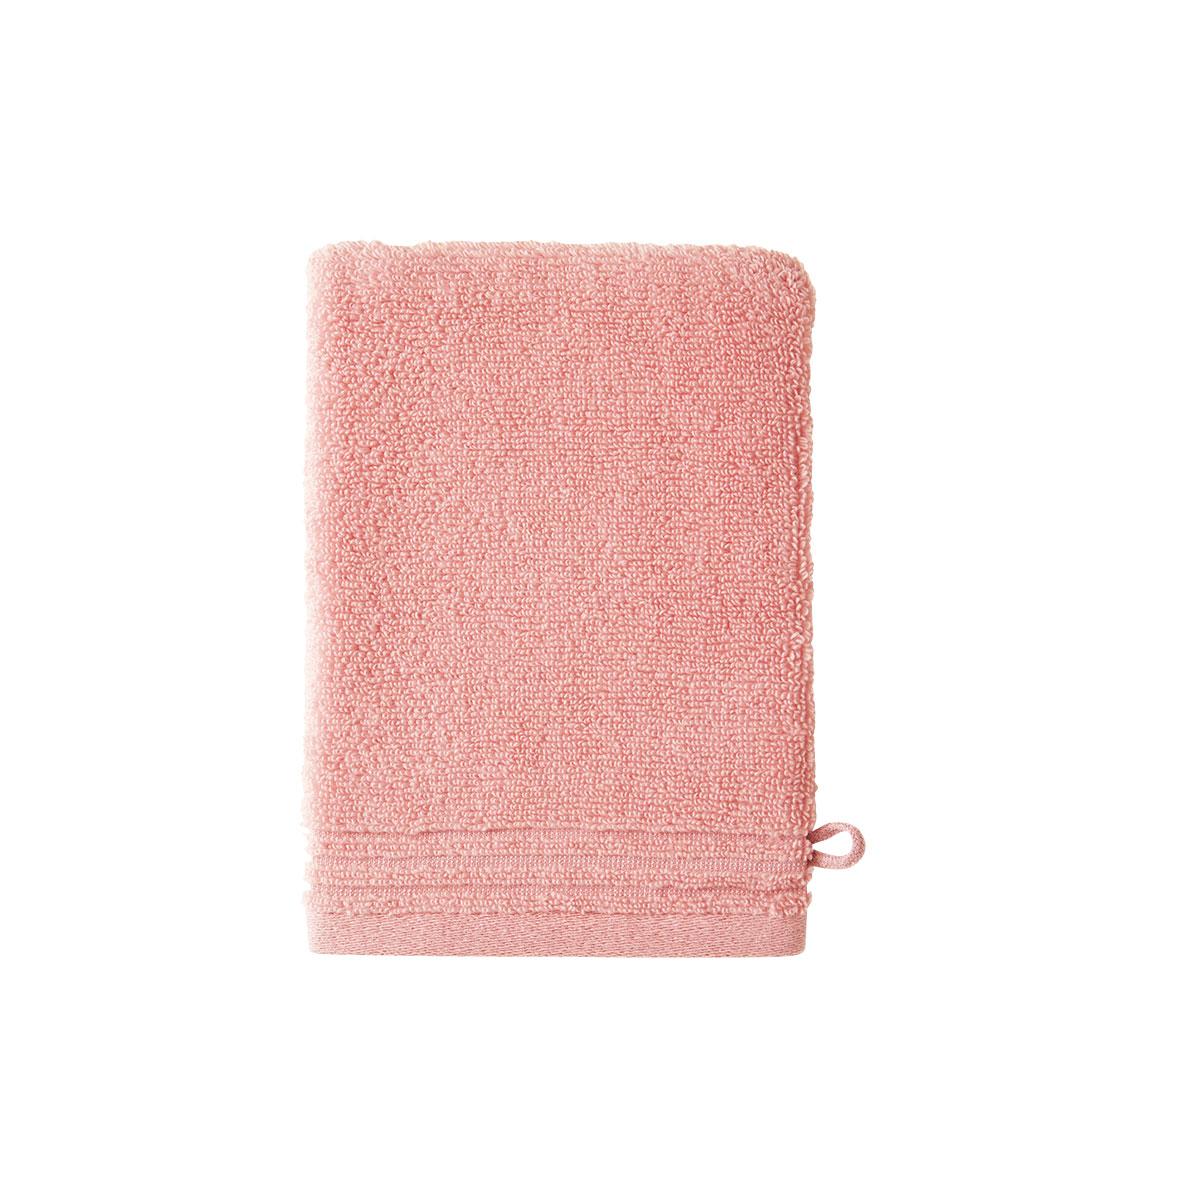 Gant de toilette coton peigné Rose 15 x 21 cm